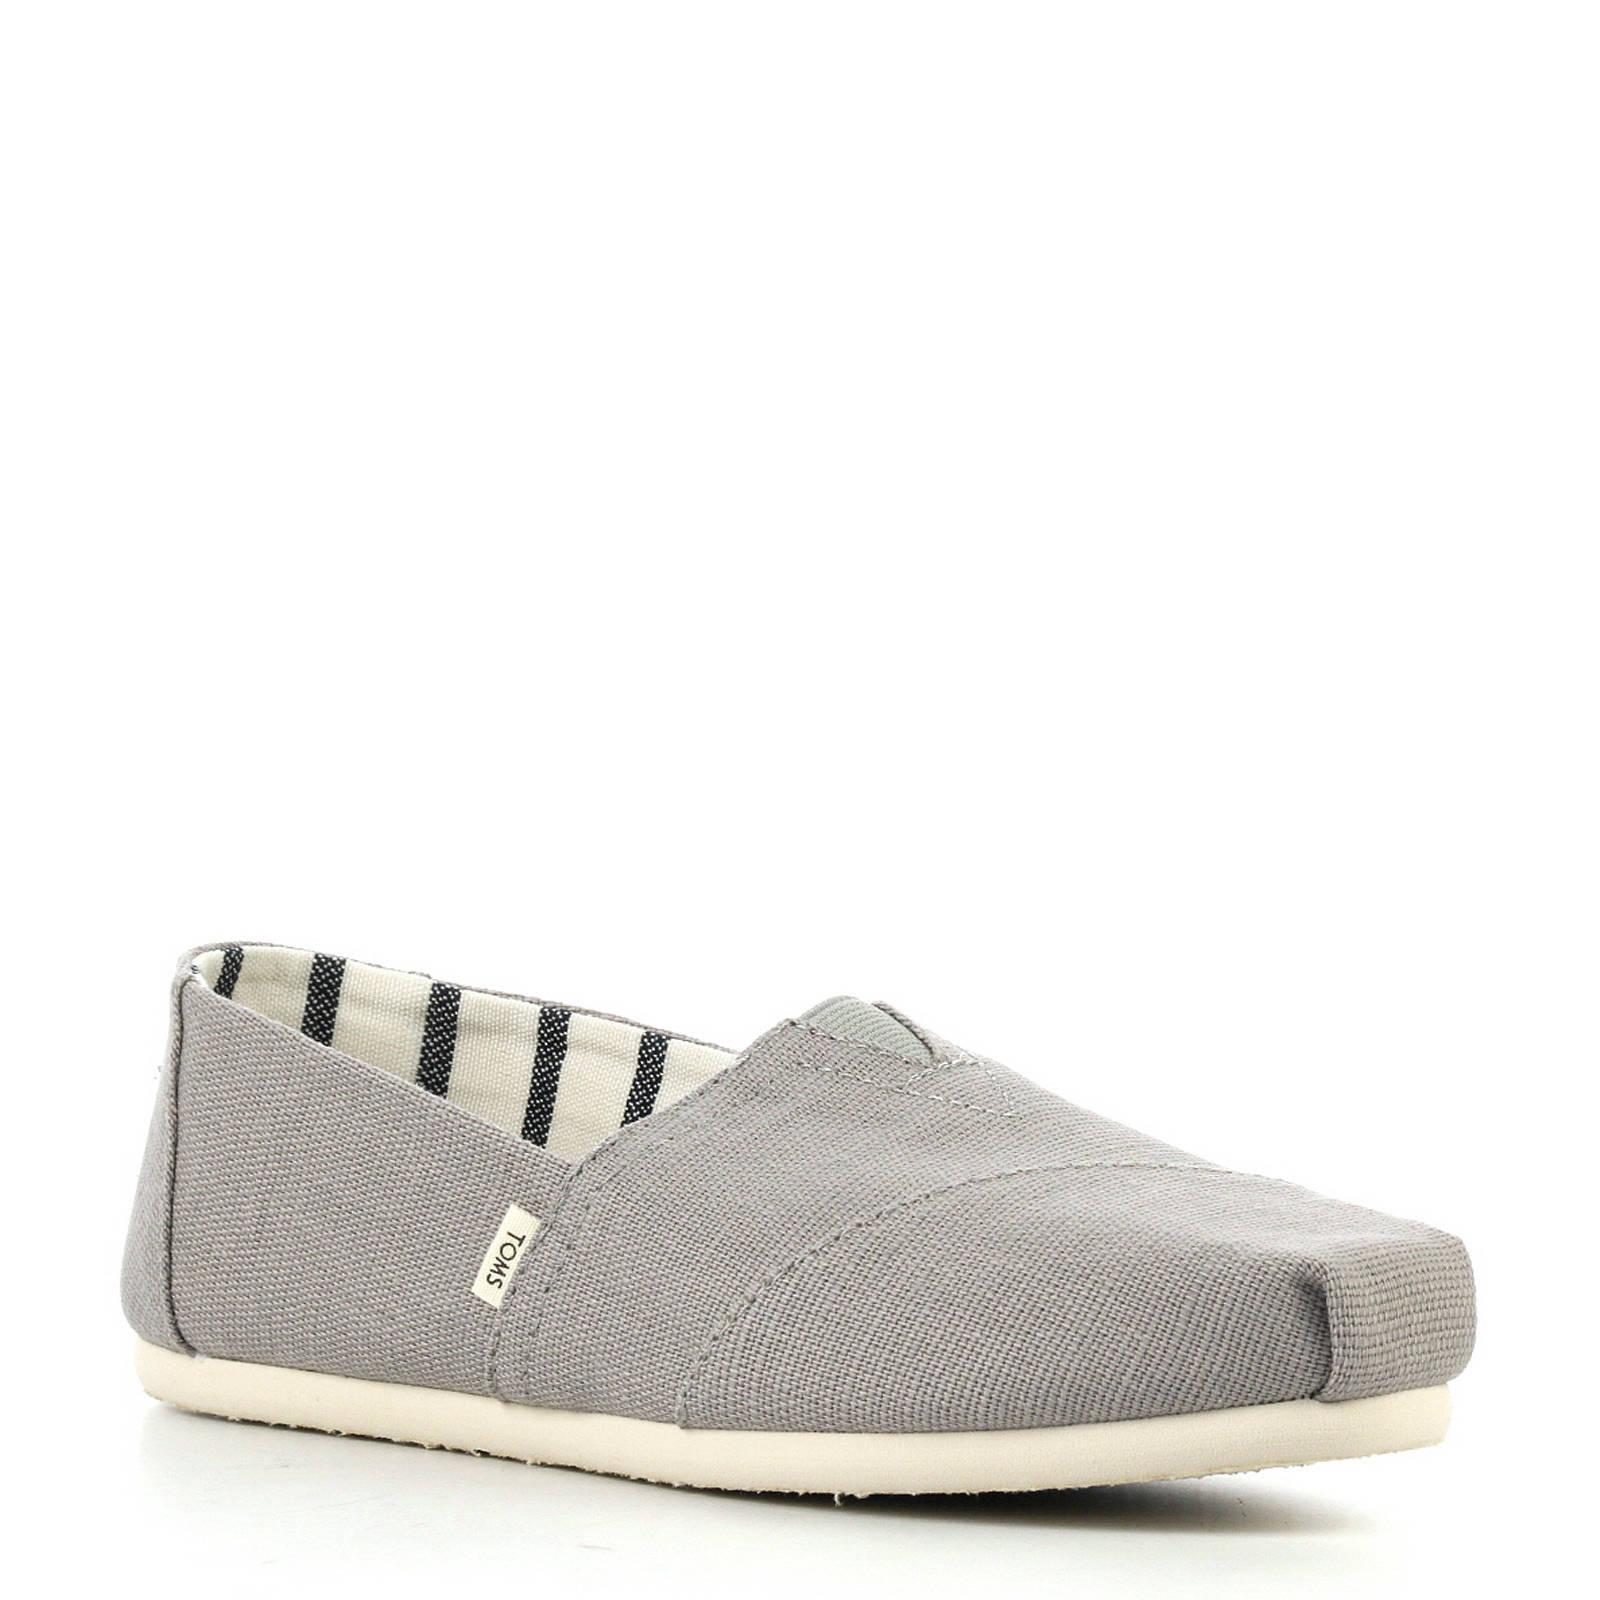 fae0a5e712f Nieuwe collectie damesschoenen & -sneakers bij wehkamp - Gratis bezorging  vanaf 20.-